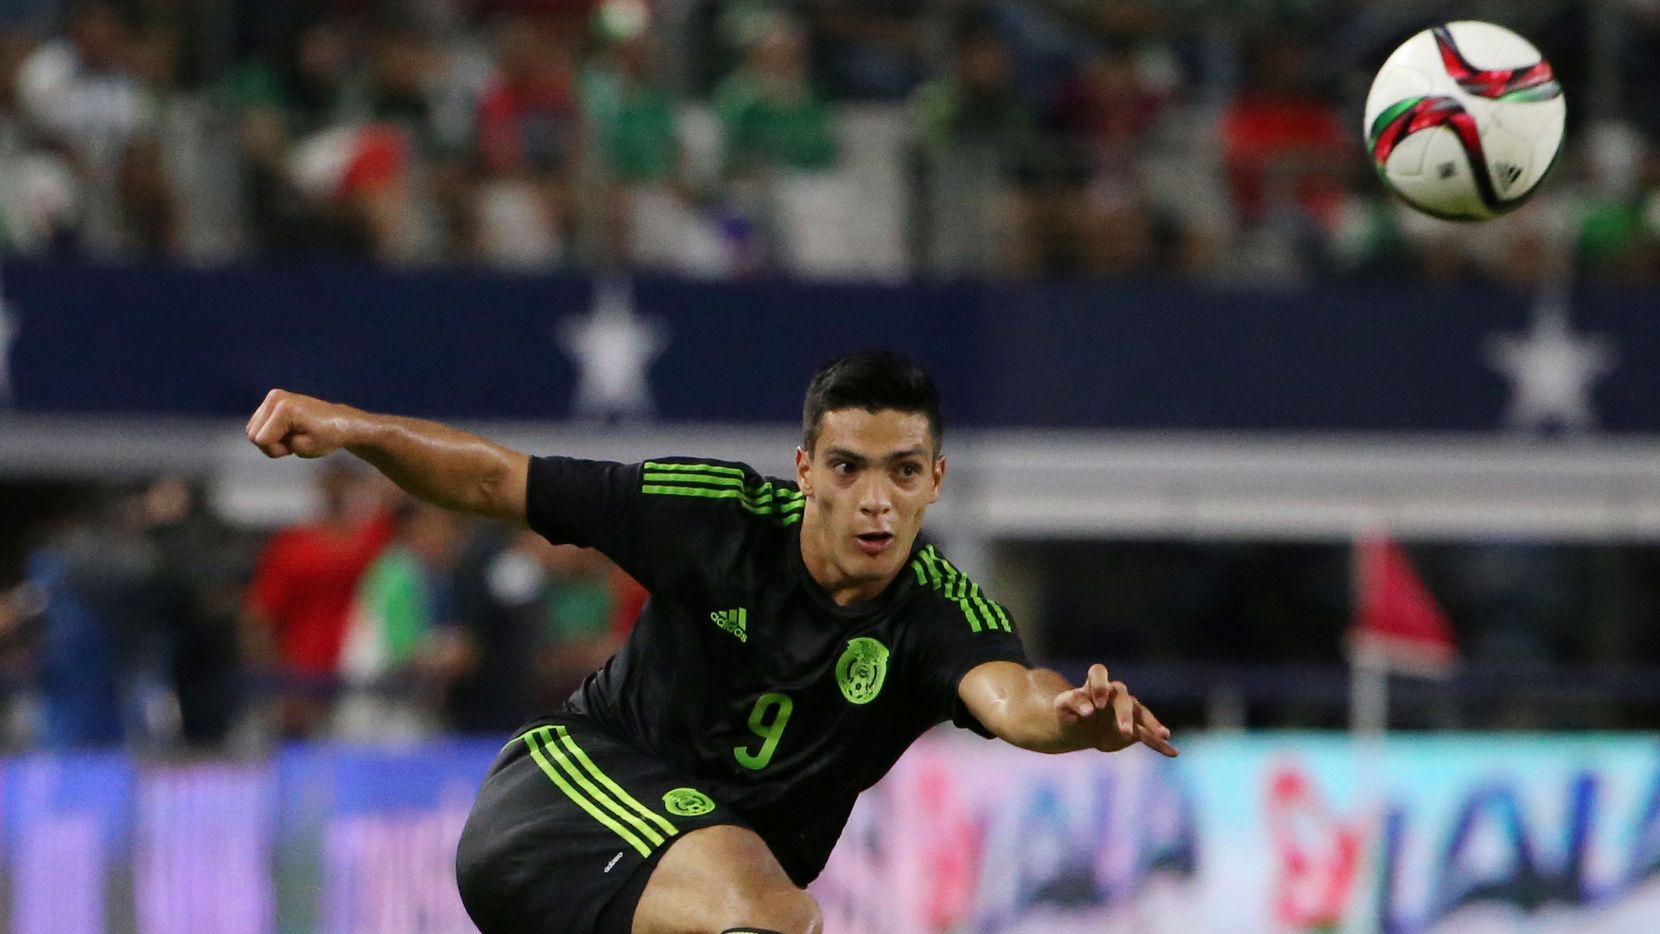 El delantero de la selección mexicana, Raúl Jiménez, ejecuta un remate en un partido ante la selección de argentina en el AT&T Stadium de Arlington, el 8 de septiembre de 2015.